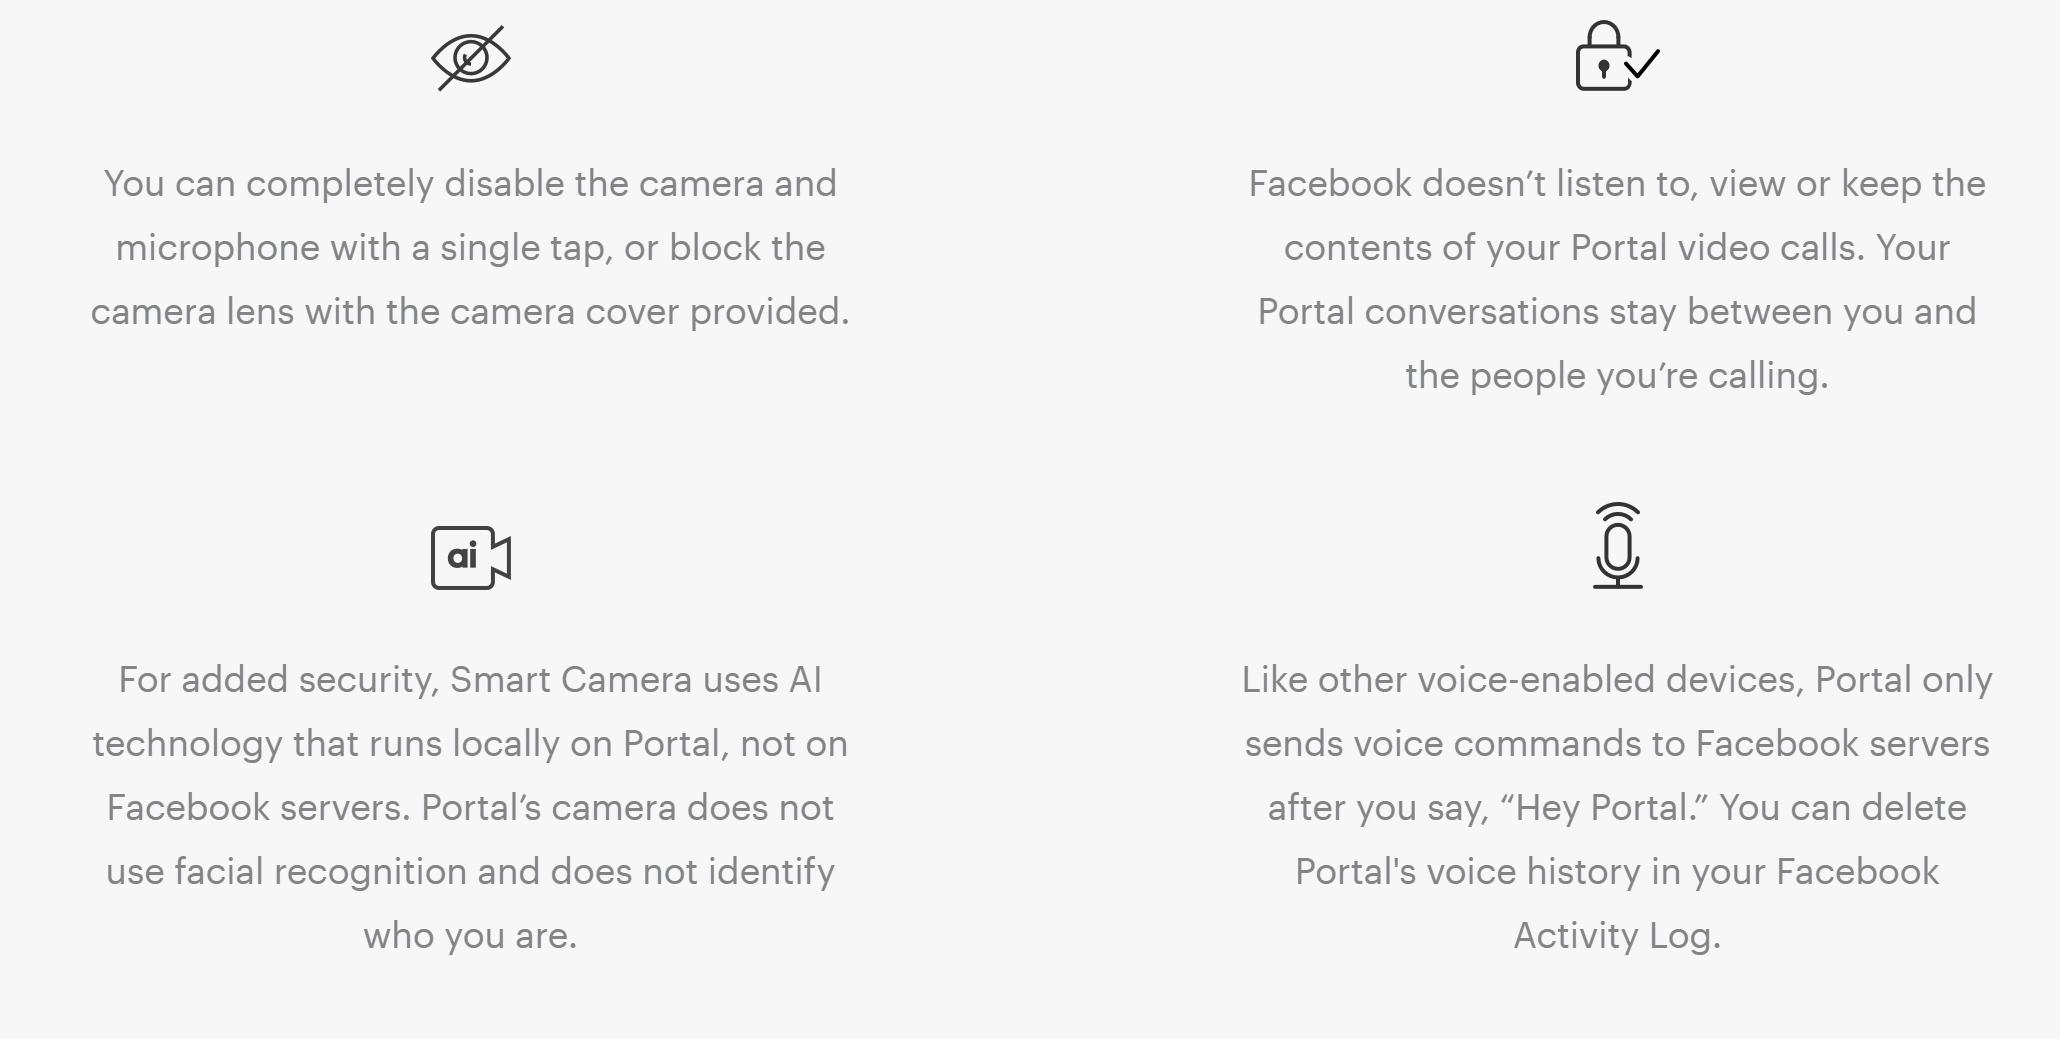 Stol på oss, mener Facebook, men er det egentlig mulig?